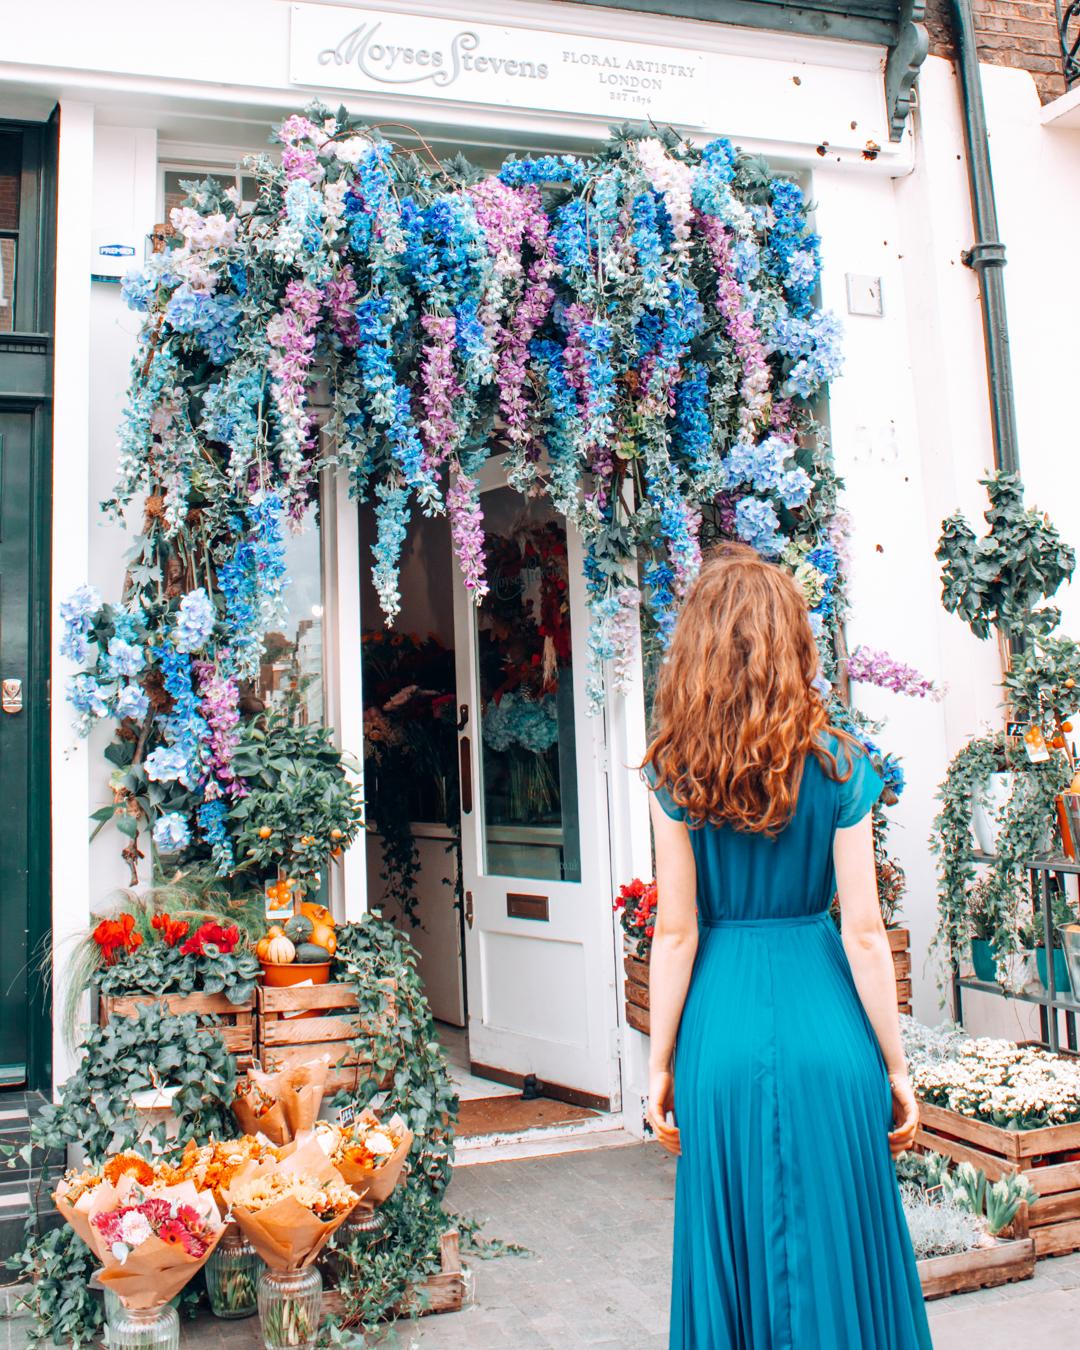 Blue flowers at Moyses Stevens